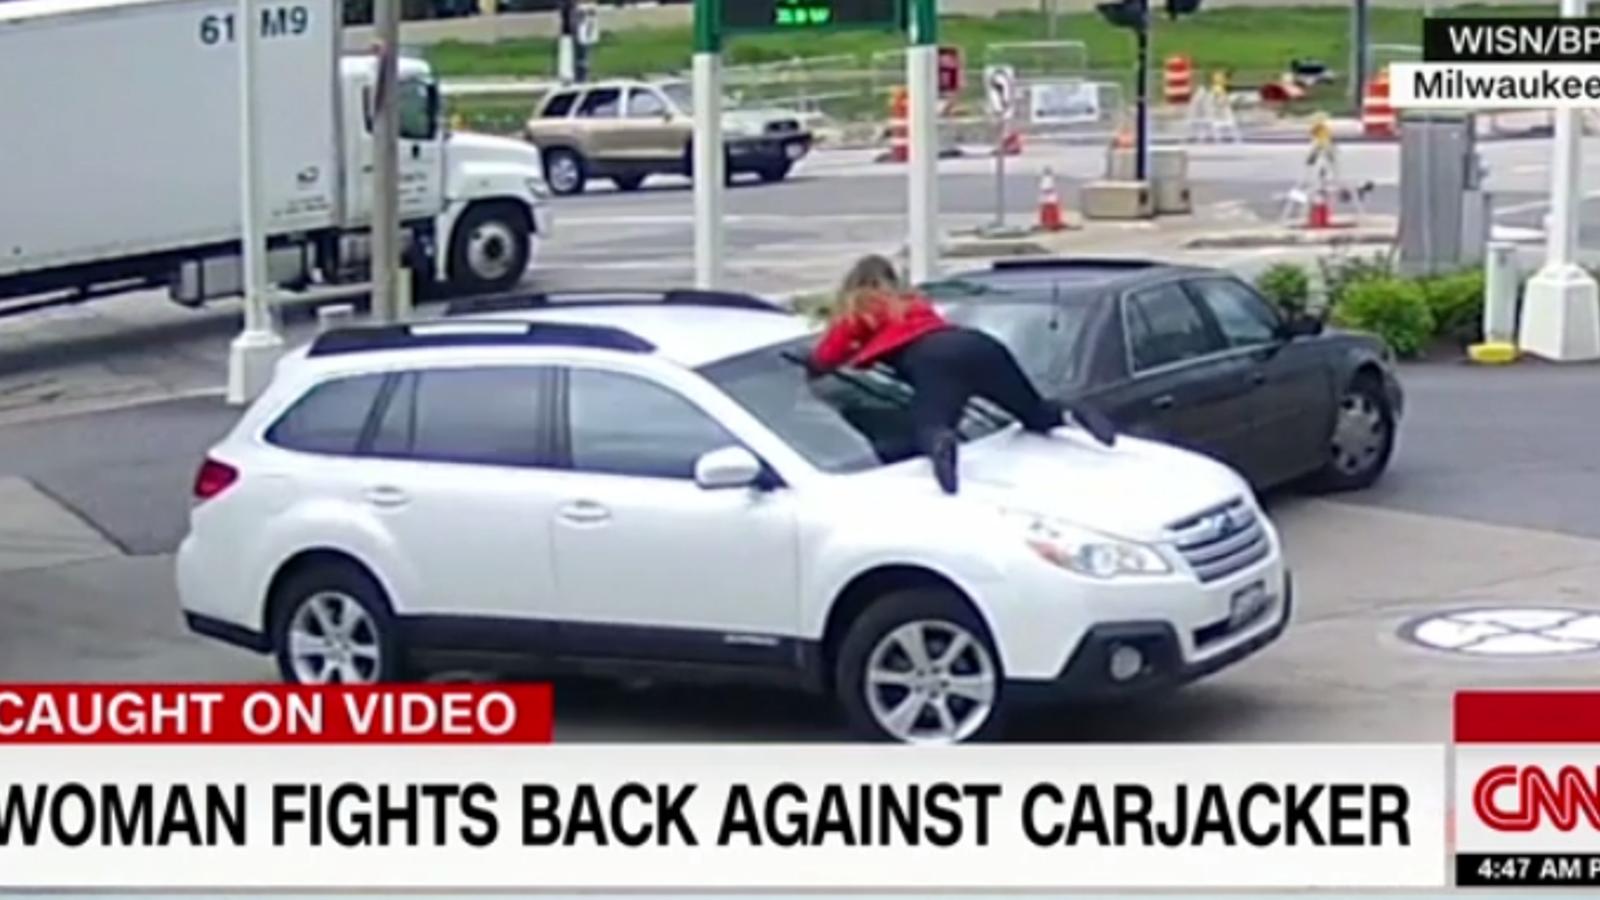 Una dona impedeix que li robin el cotxe pujant-se sobre el capó